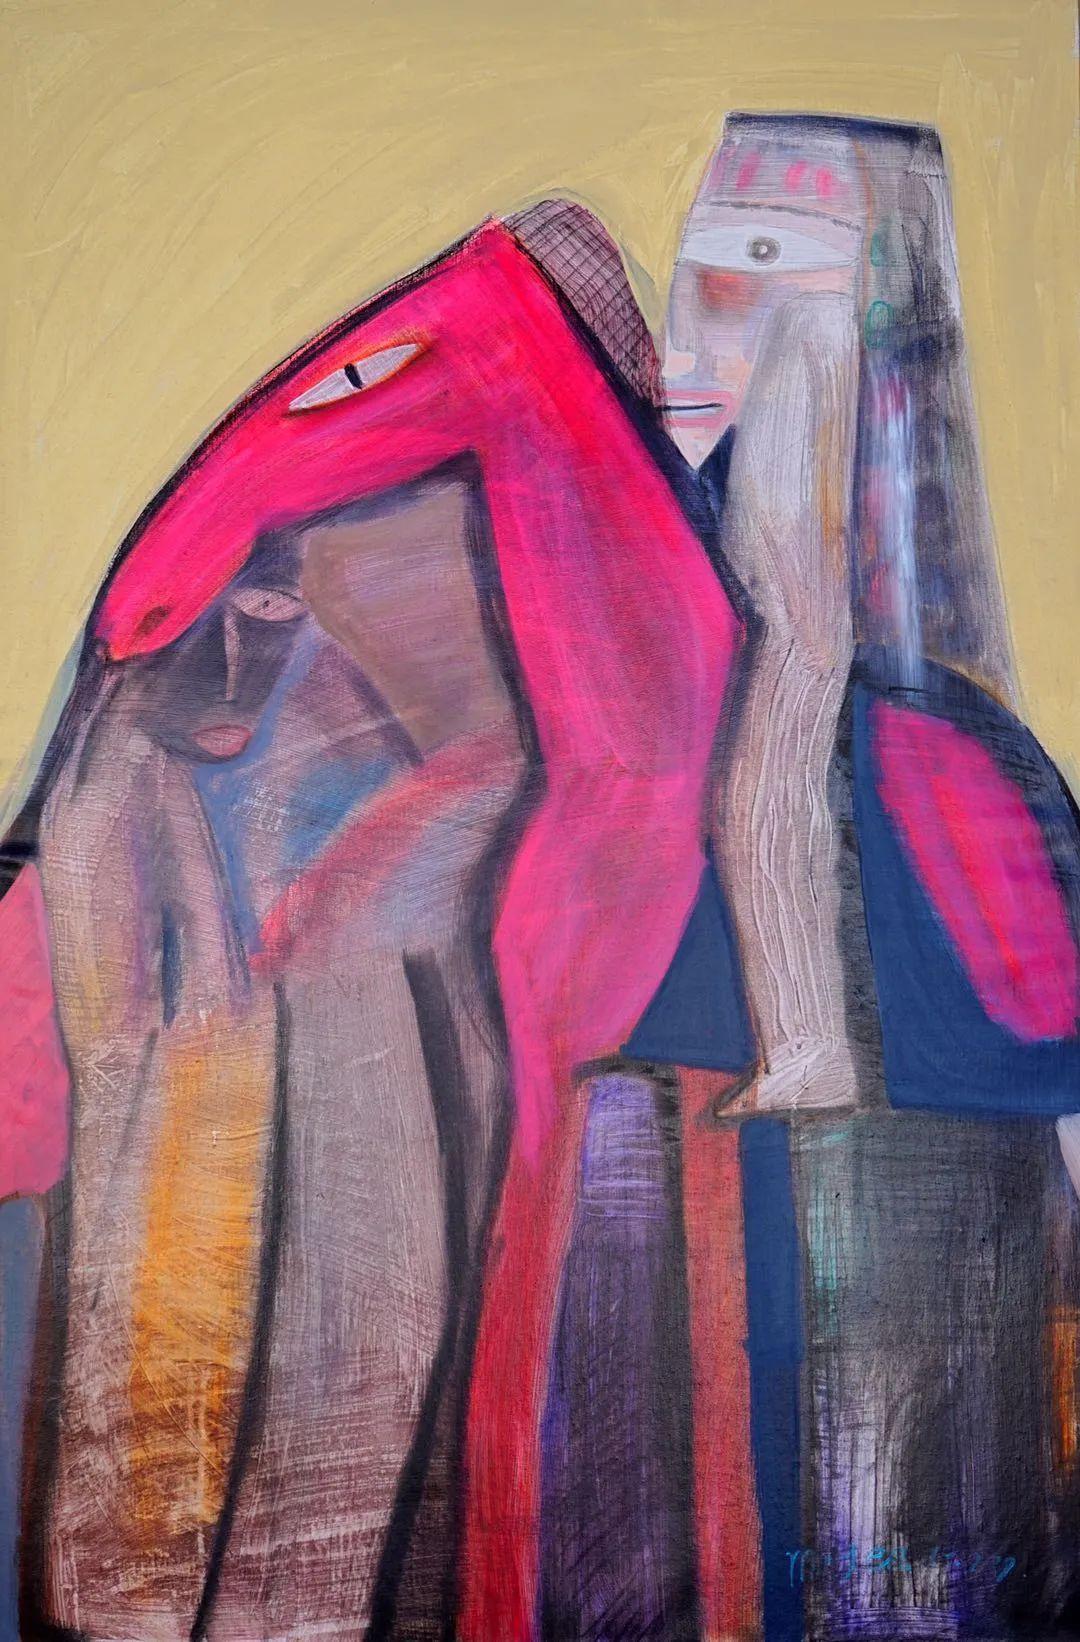 莫日根   用绘画寻找灵魂栖居之所 第2张 莫日根   用绘画寻找灵魂栖居之所 蒙古画廊